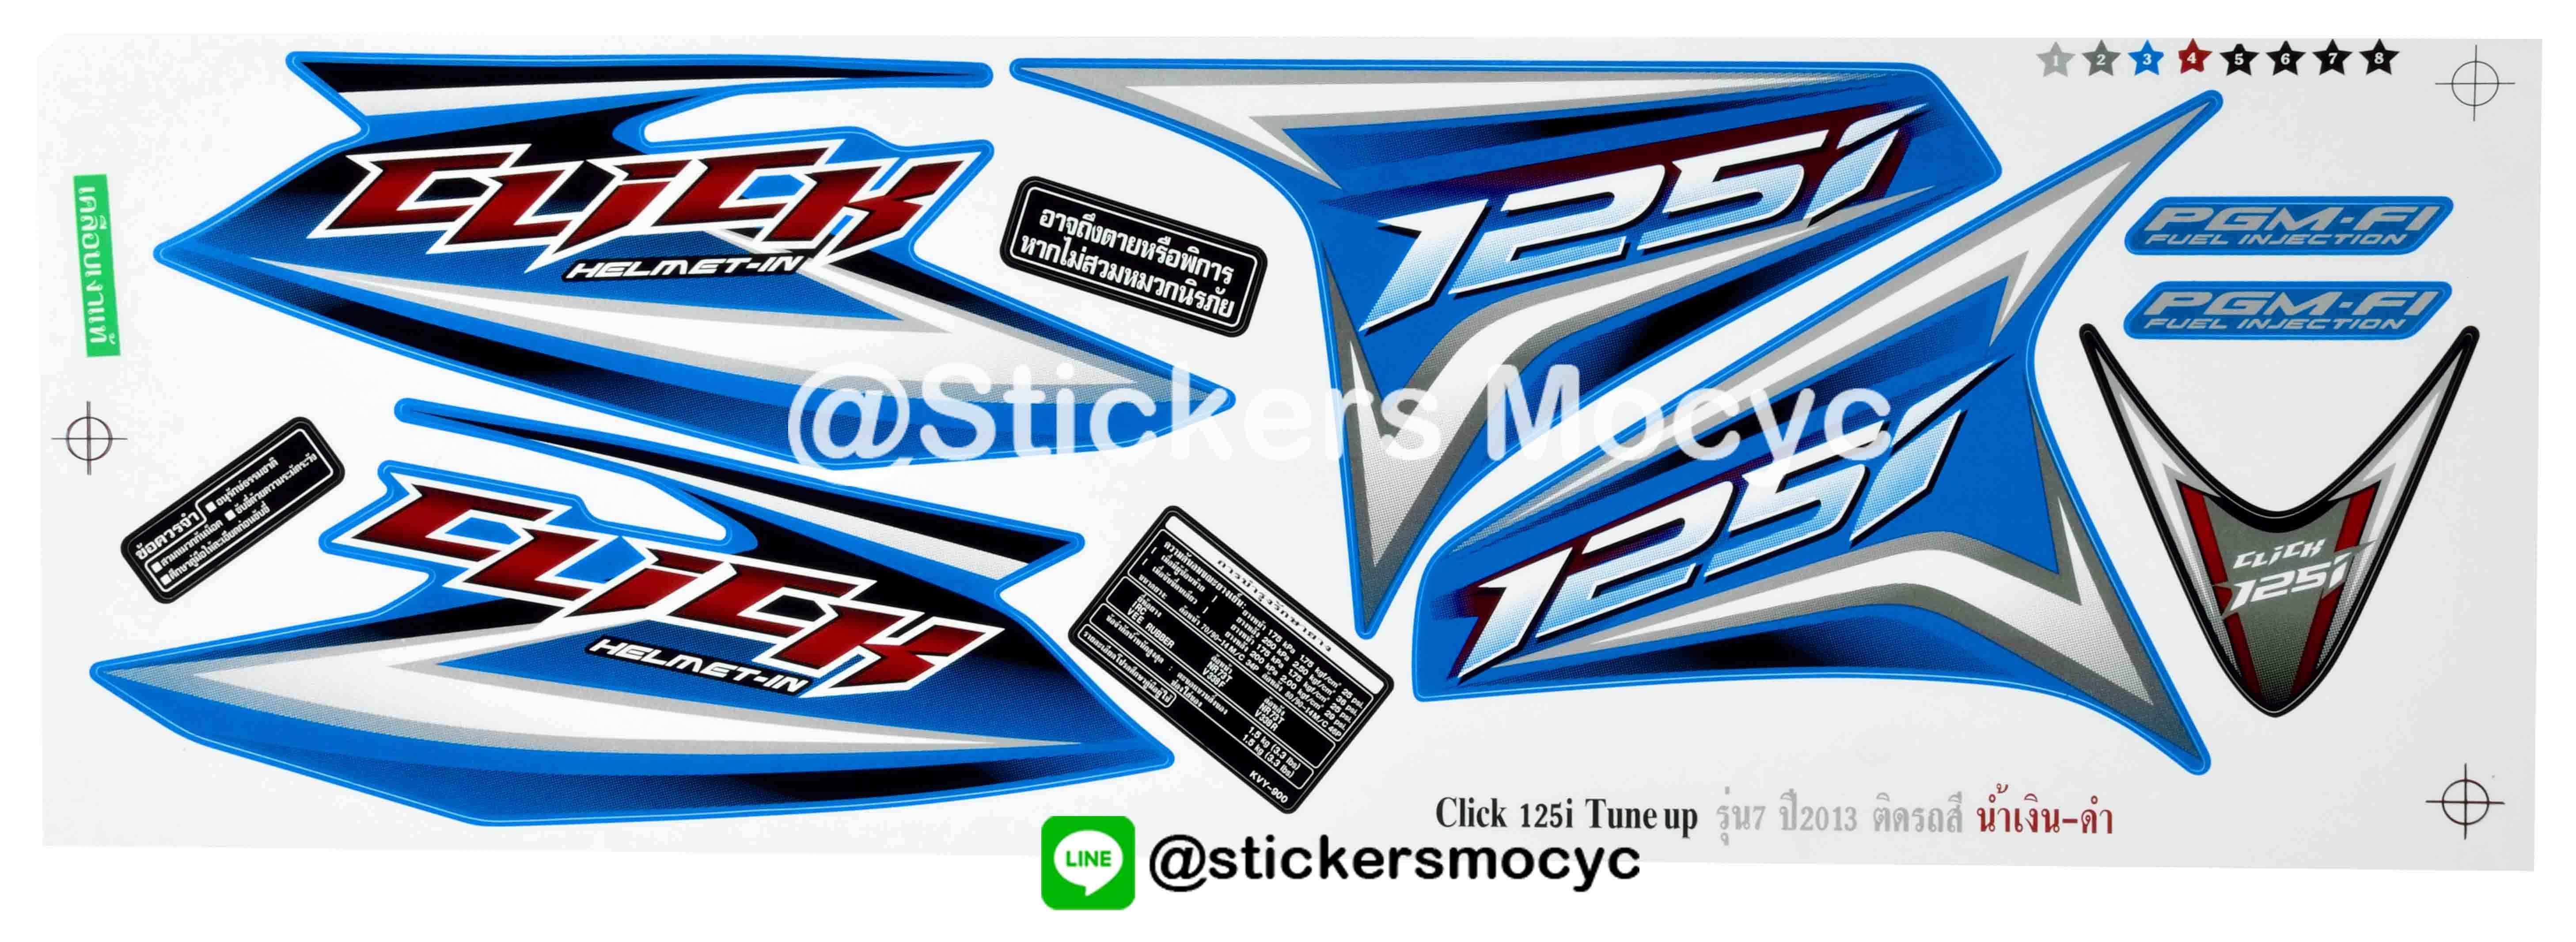 สติ๊กเกอร์ click 125i sticker click 125i แต่ง ปี 2013 รุ่น 7 ติดรถ สีน้ำเงิน ดำ (เคลือบเงา)